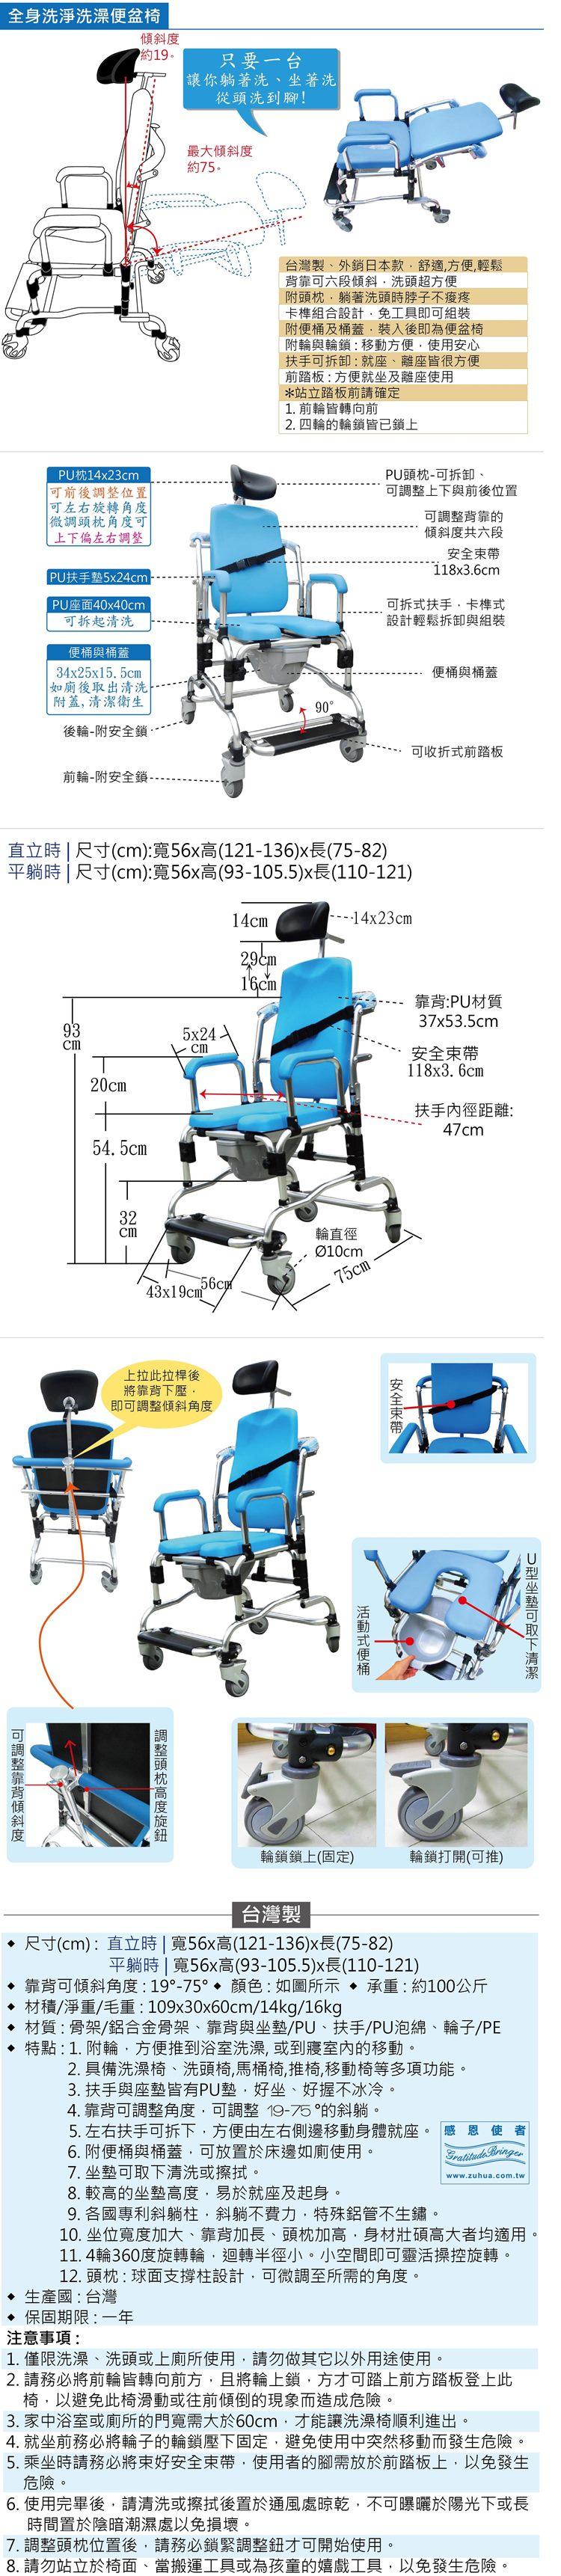 輪椅、洗澡、洗頭,行動不便者,便盆椅,一台抵多台,多段式斜躺